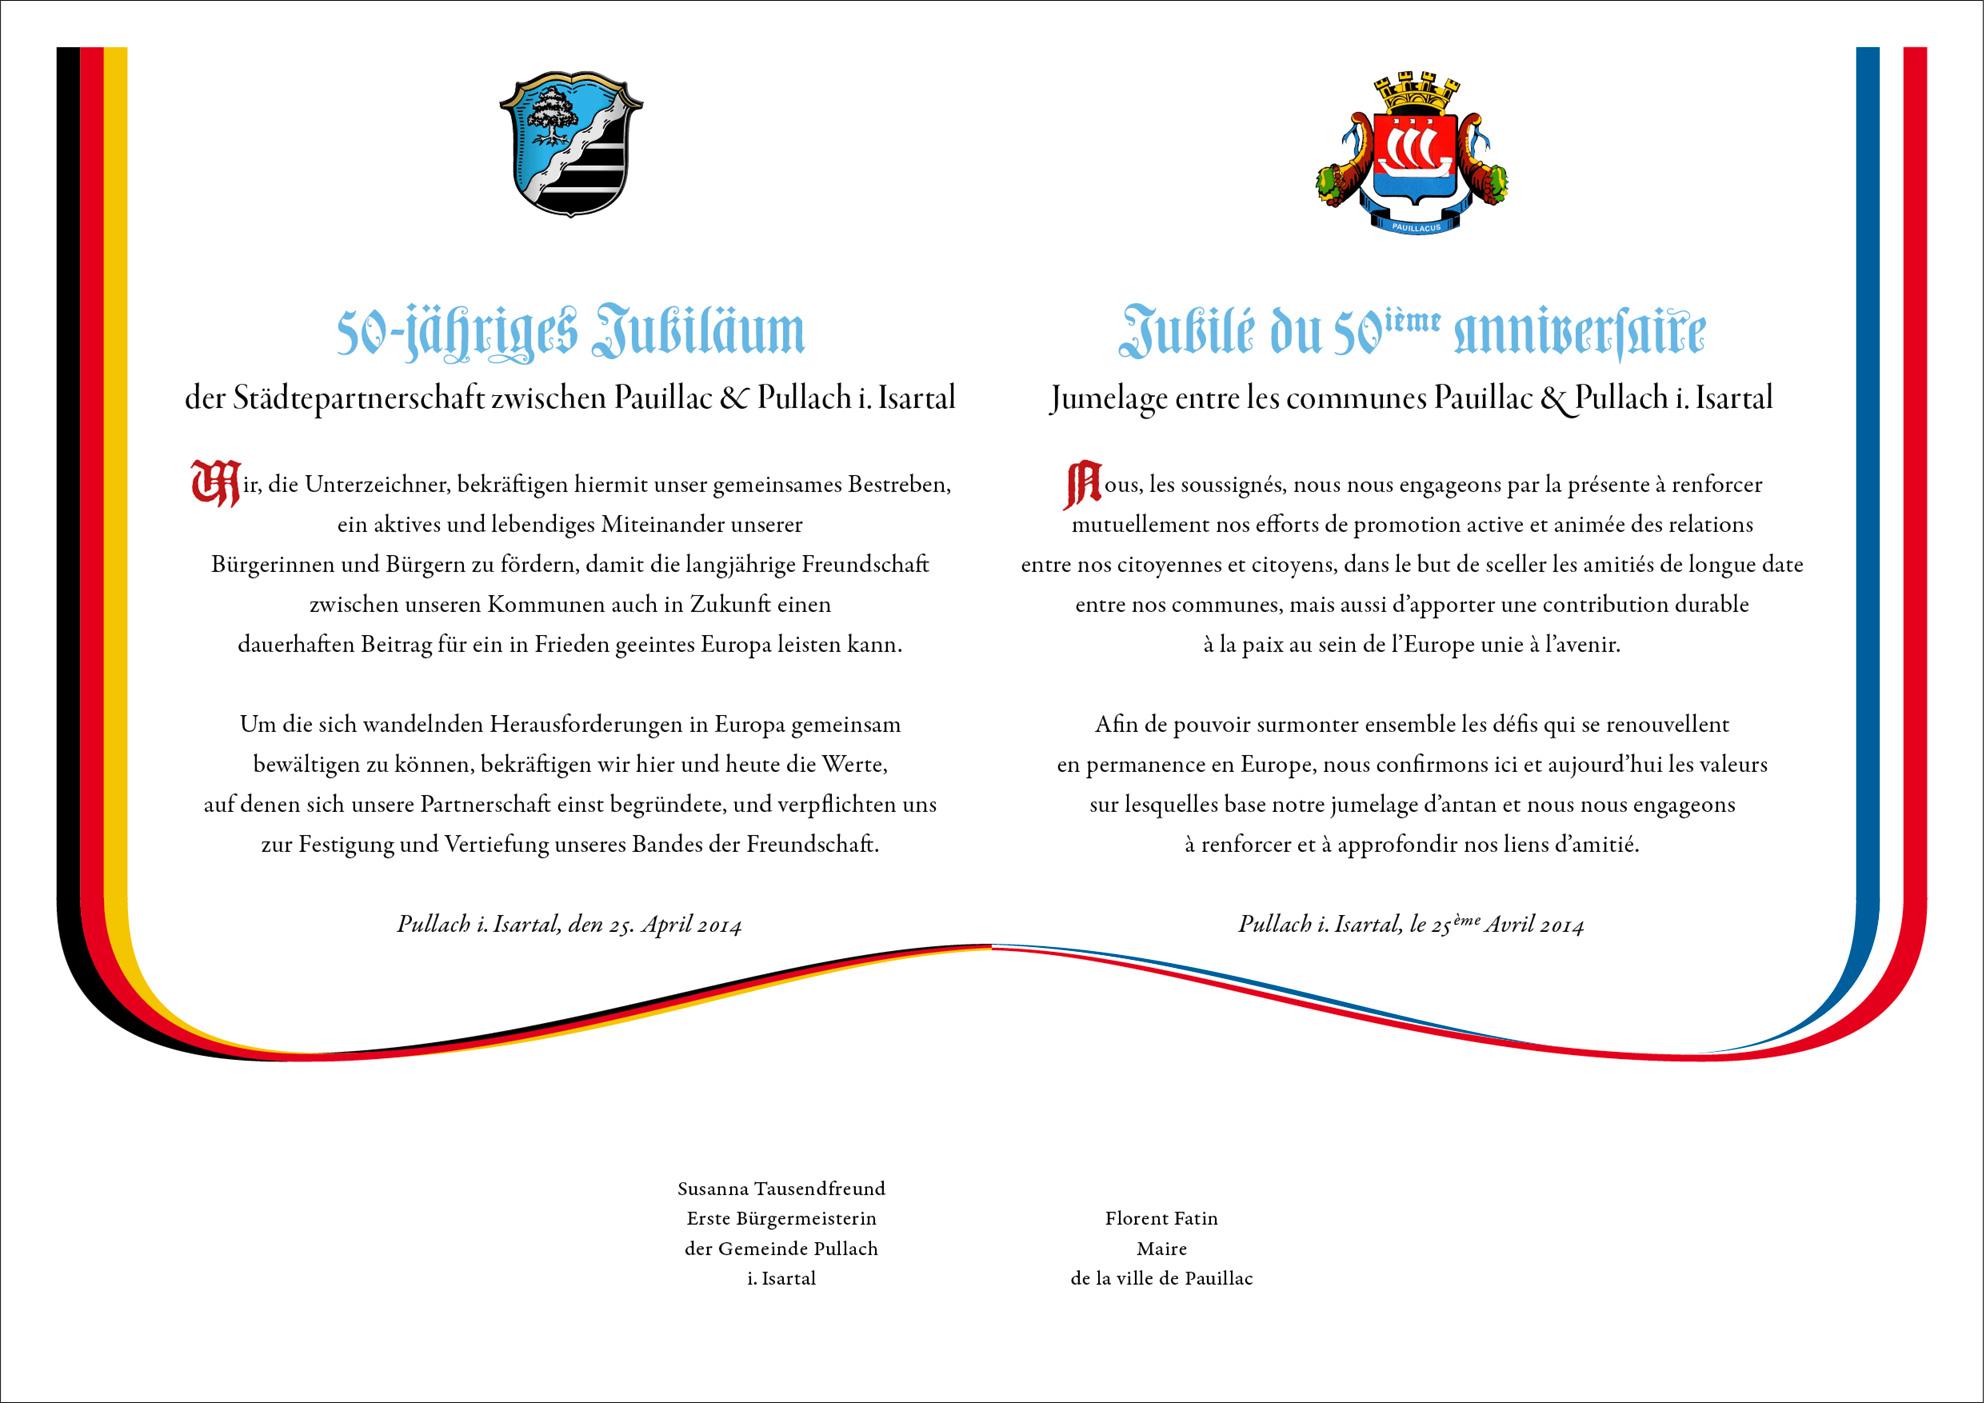 Bekräftigungsurkunde zum 50-jährigen Jubiläum der Städtepartnerschaft Pauillac-Pullach